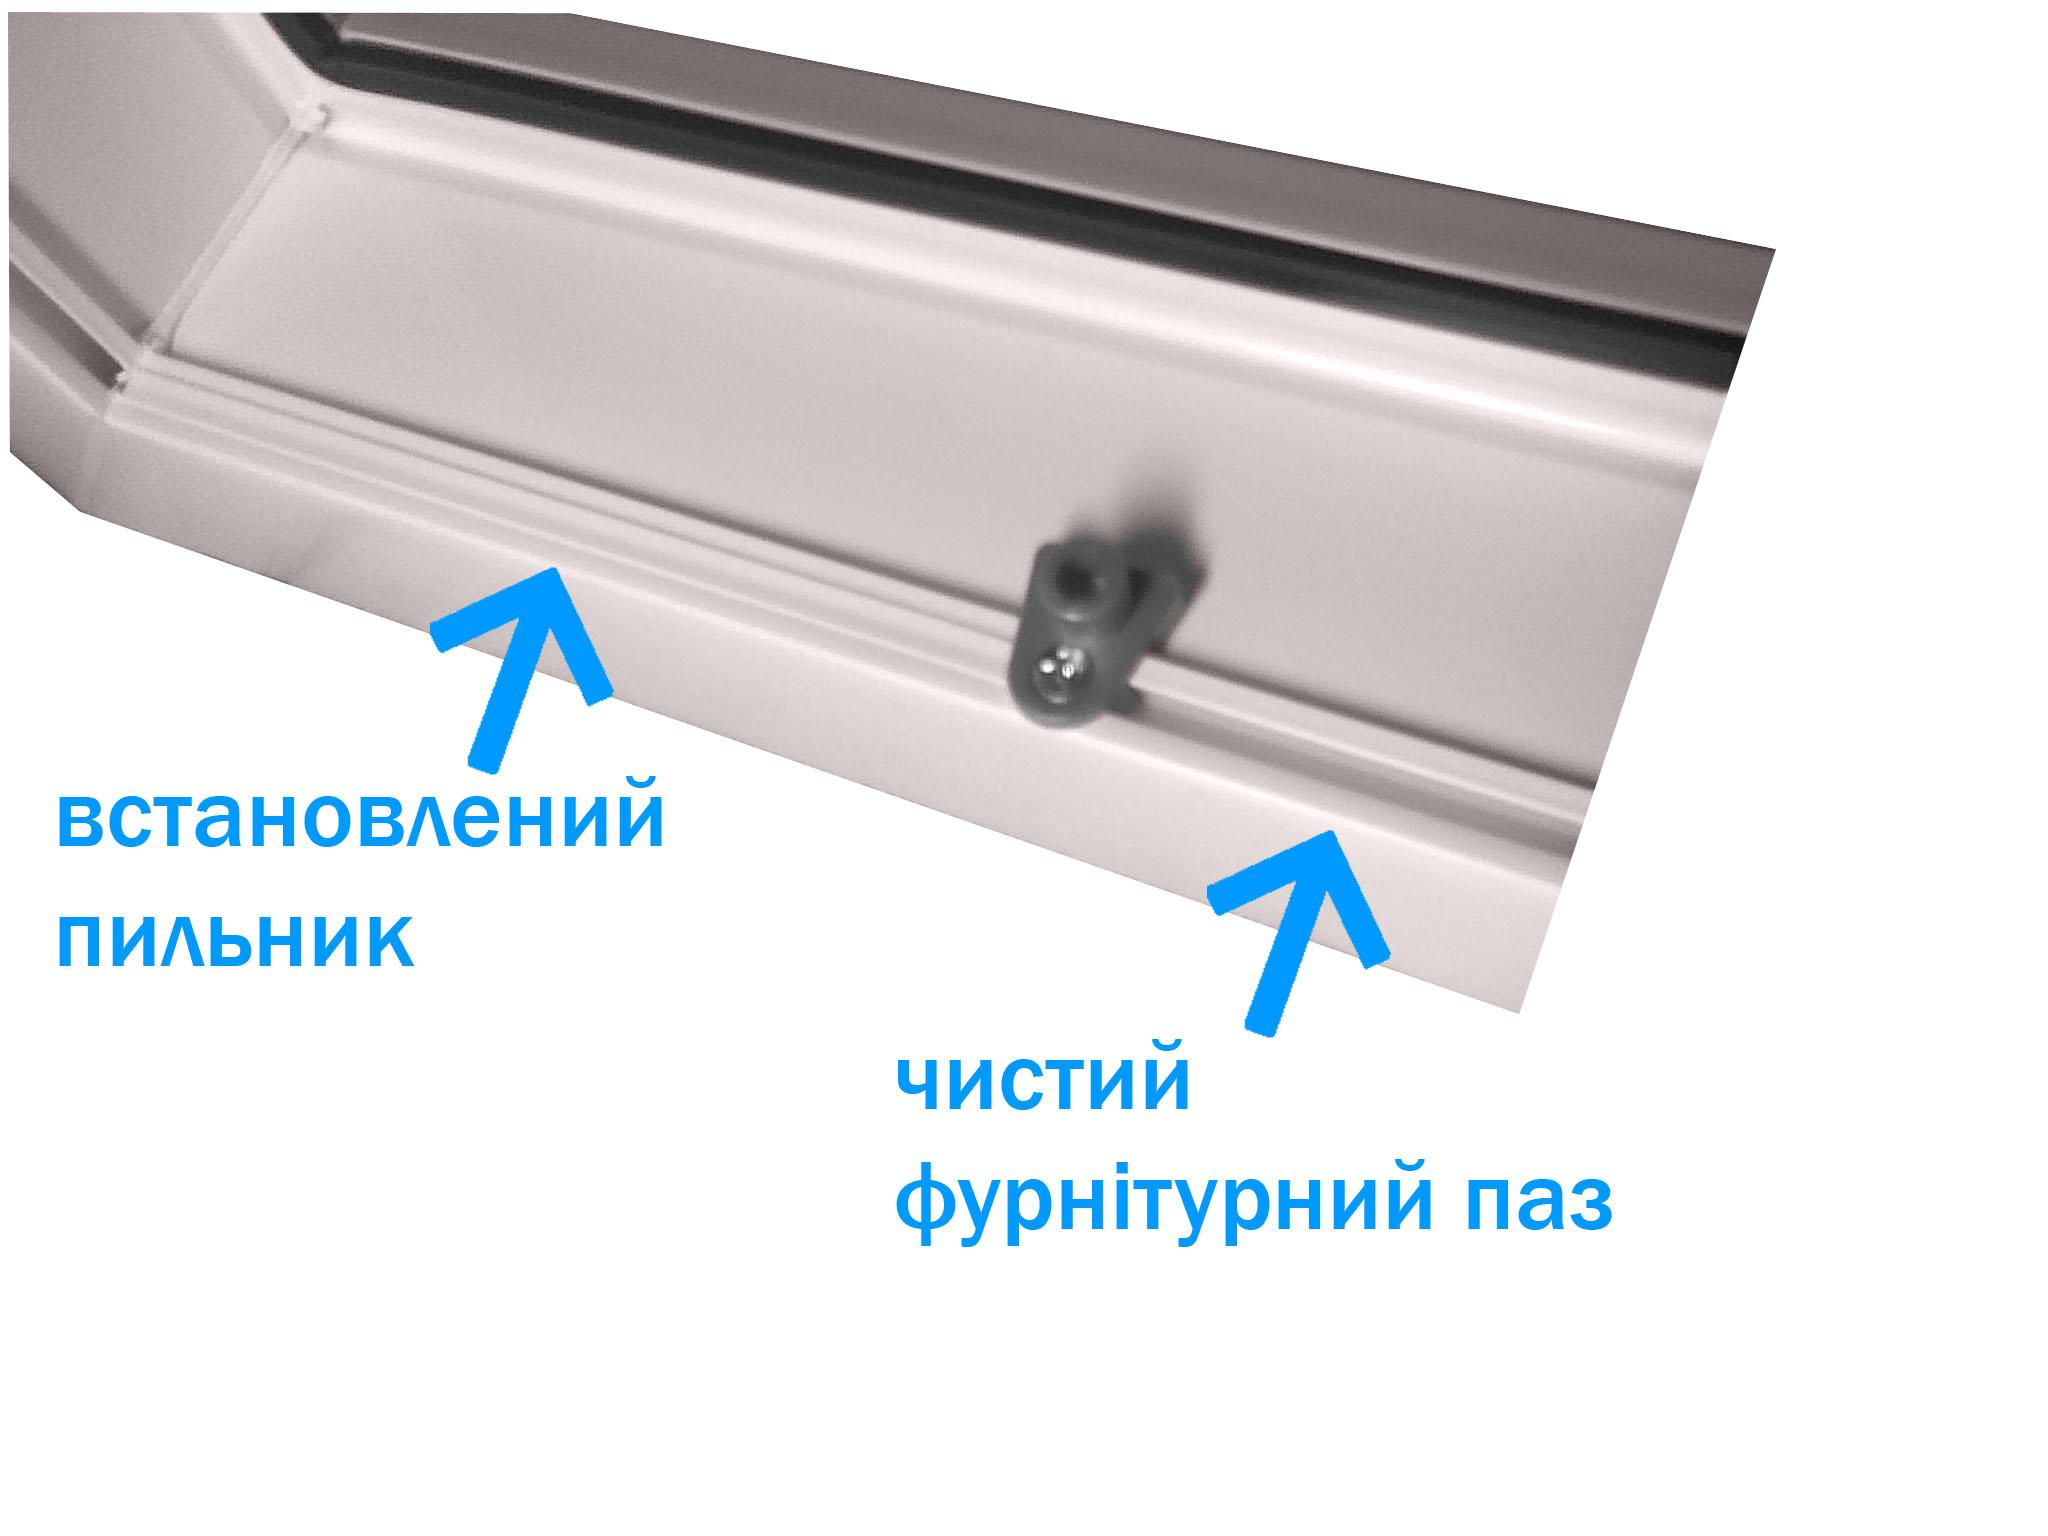 пильник встановлений у пластикове вікно